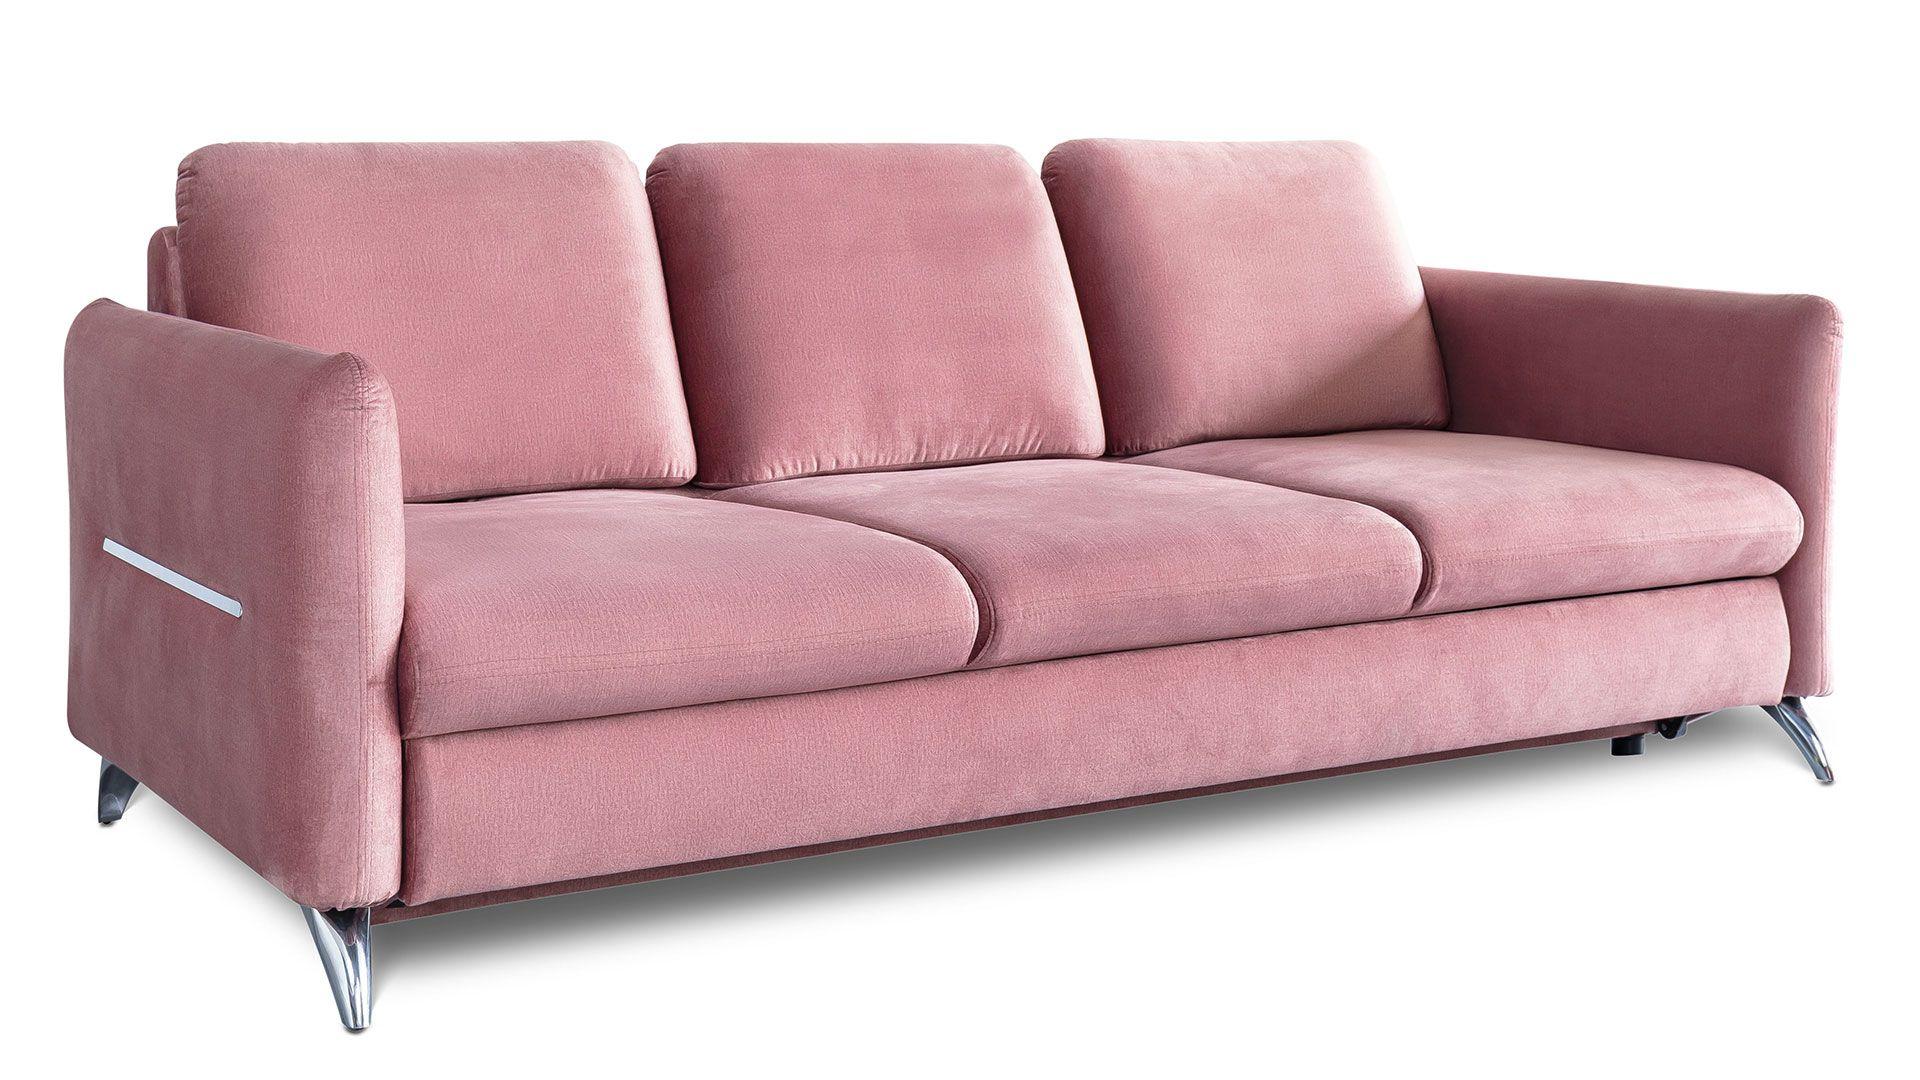 Sofa with sleeping function Tango